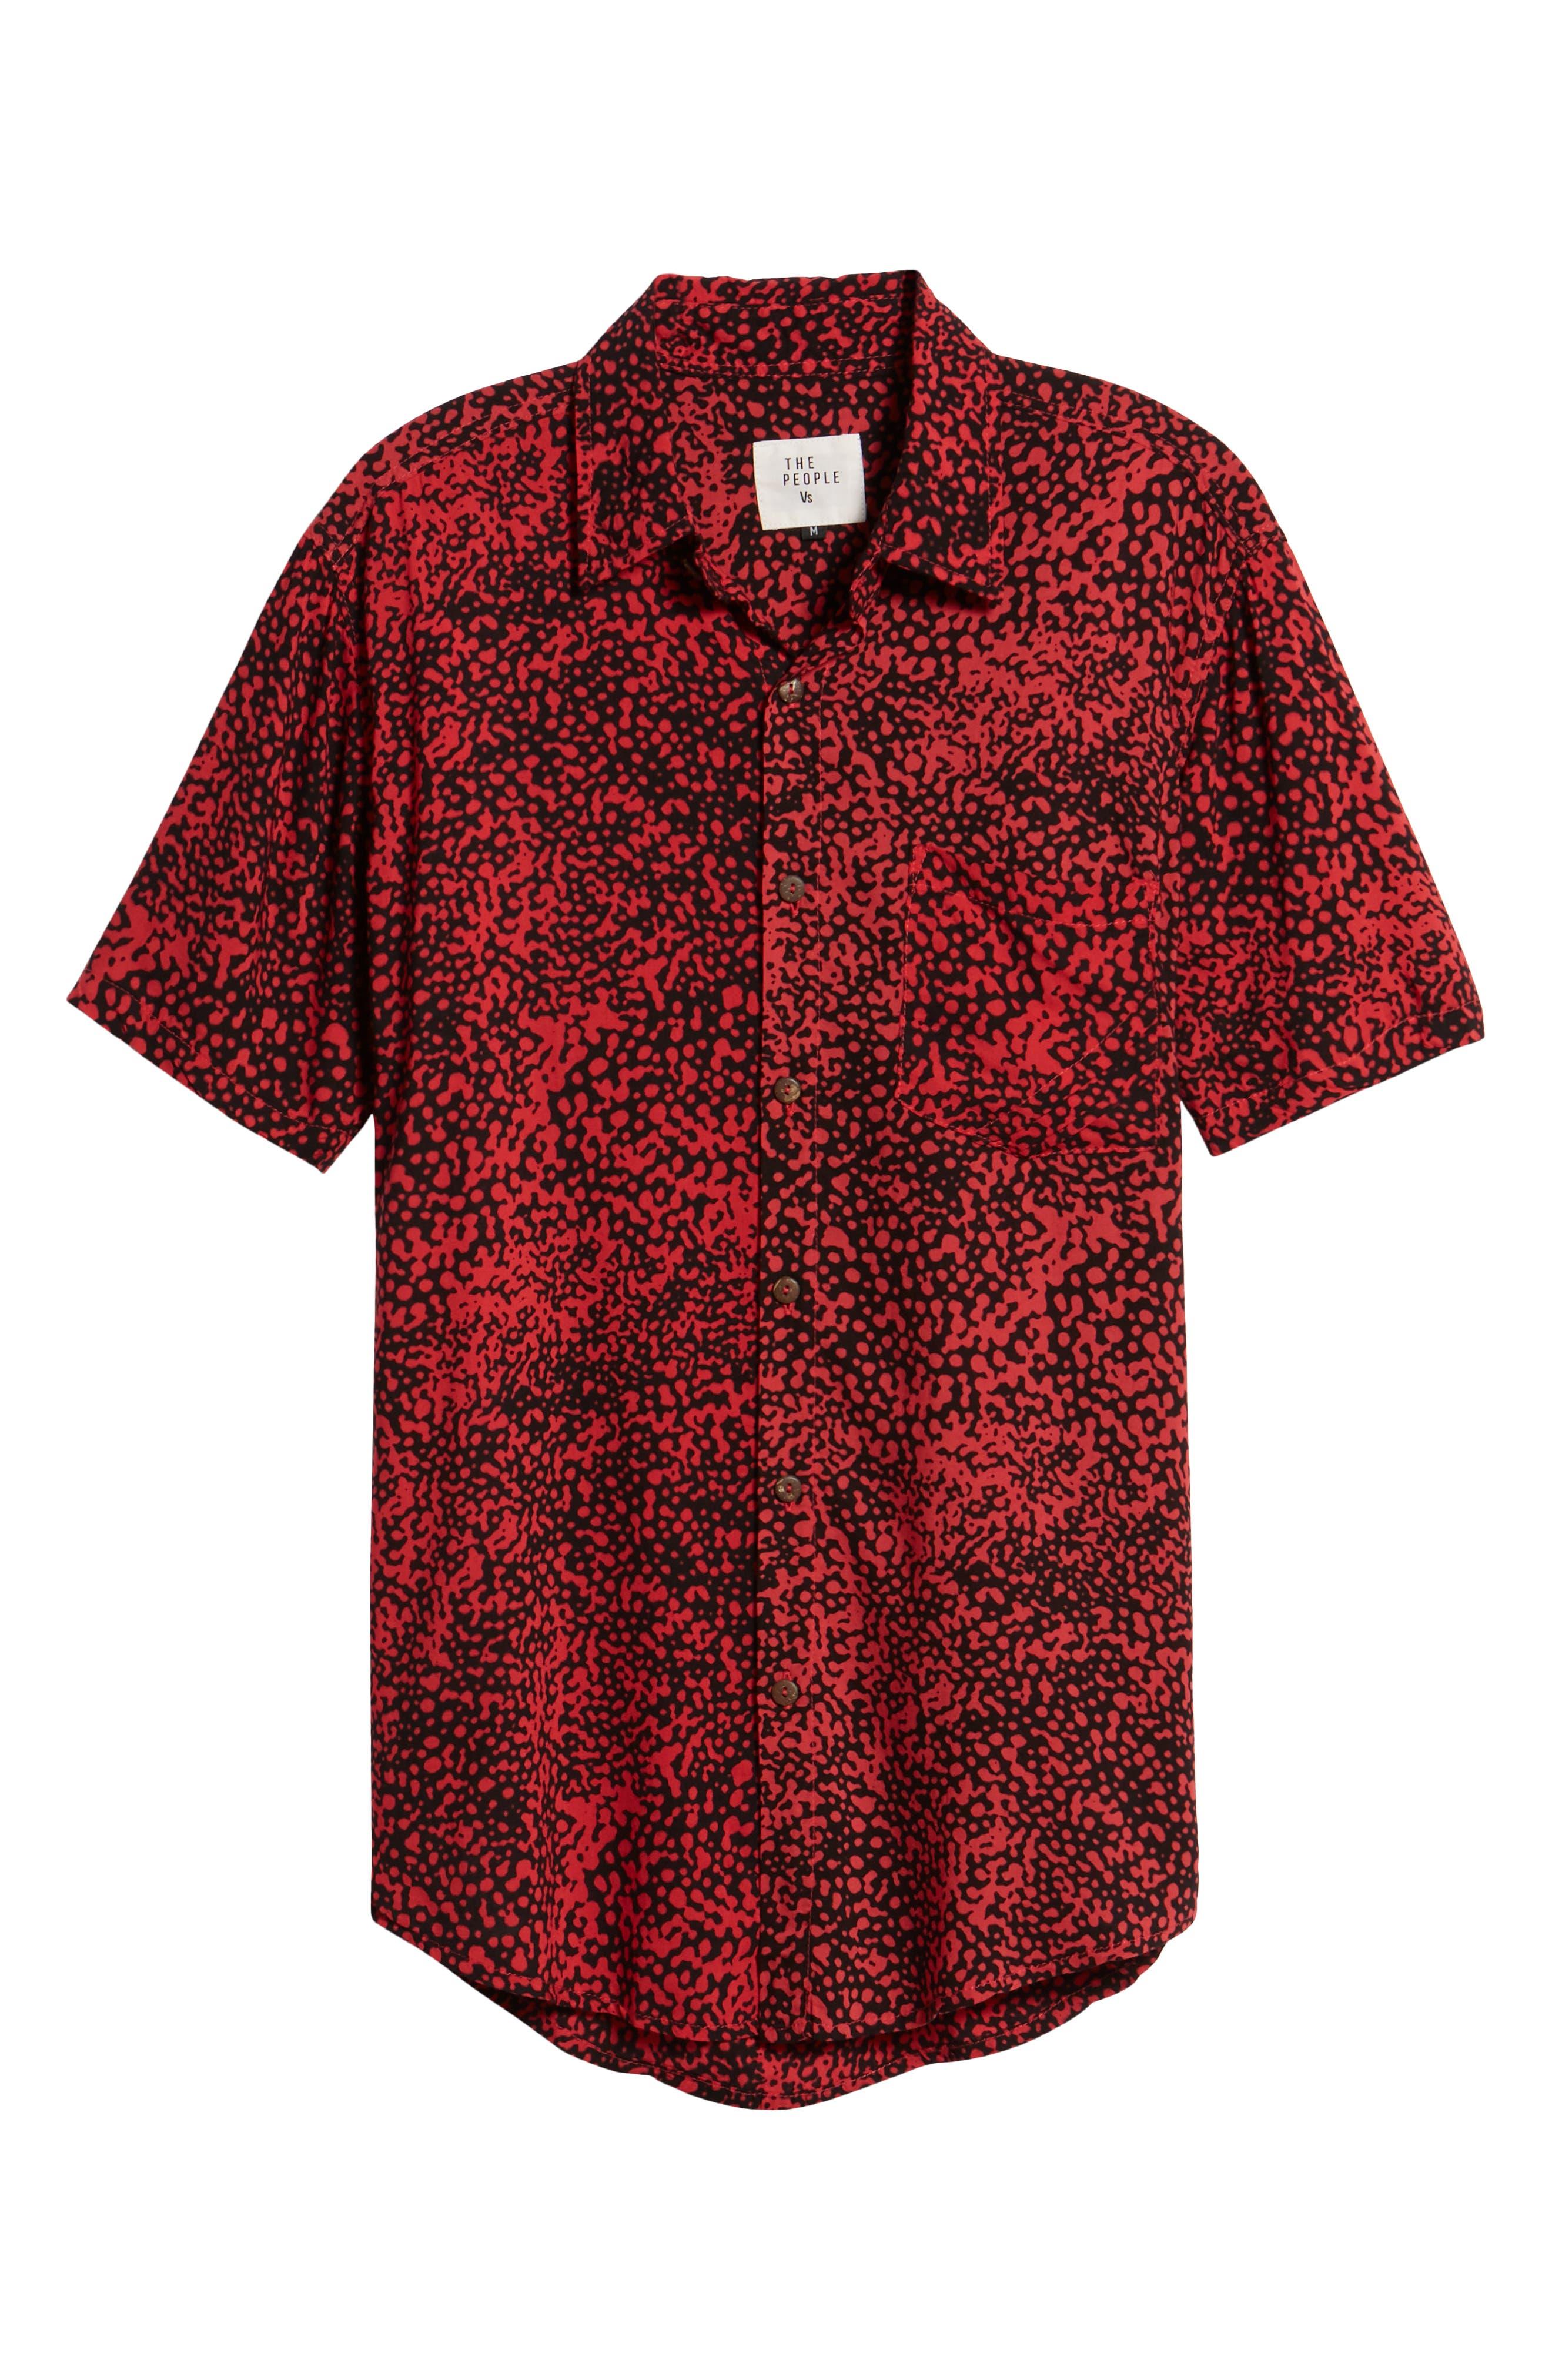 Stevie Shirt,                             Alternate thumbnail 6, color,                             001